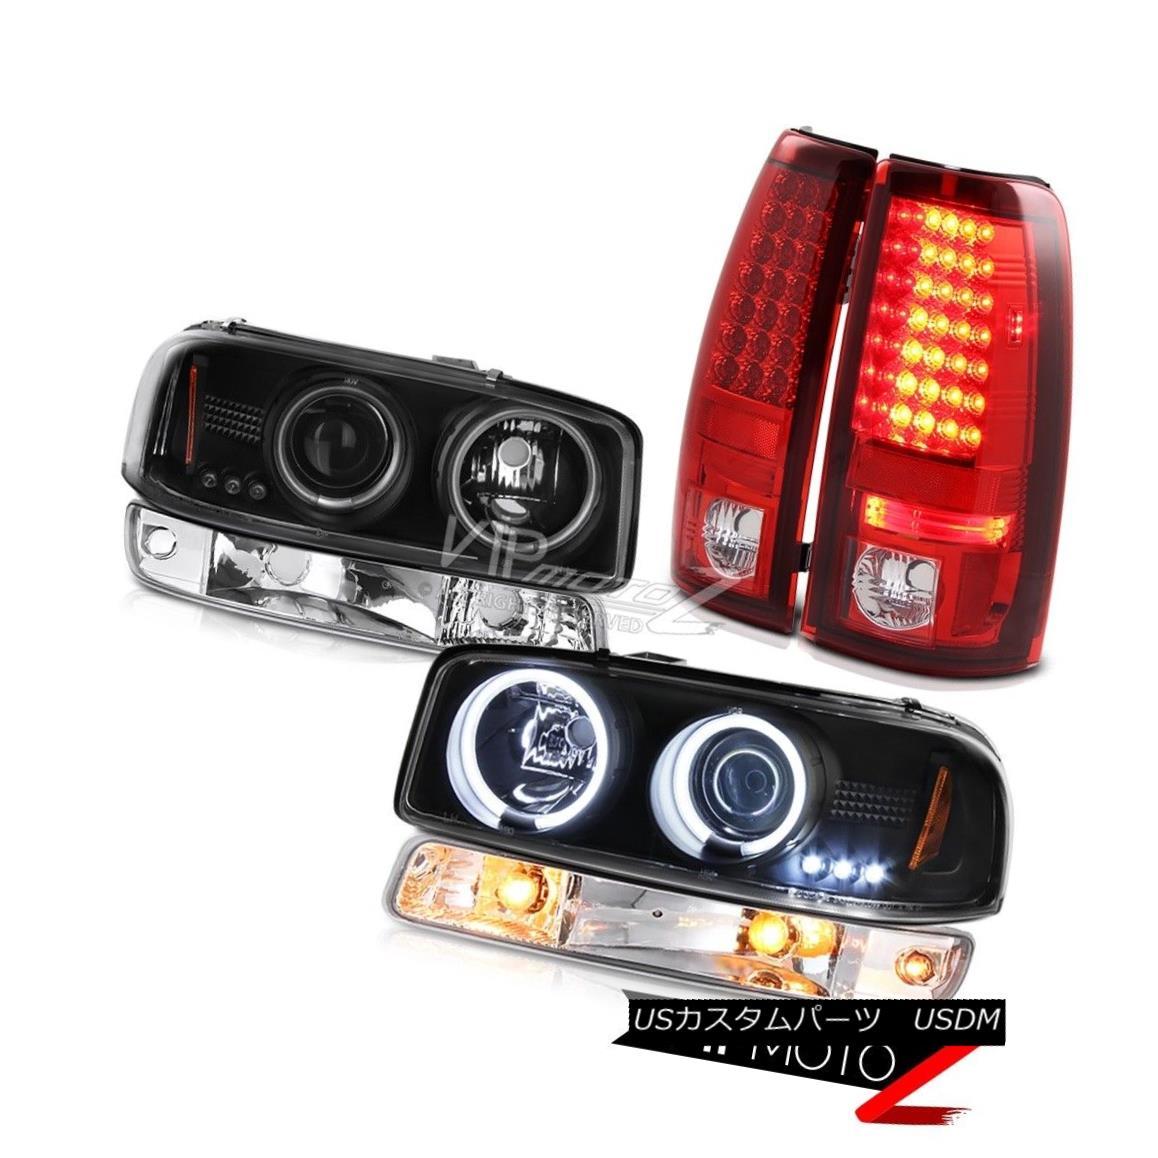 ヘッドライト 1999-2006 Sierra 1500 Taillamps chrome signal light raven black ccfl headlights 1999-2006 Sierra 1500 Taillampsクロームシグナルライトレーブンブラックccflヘッドライト